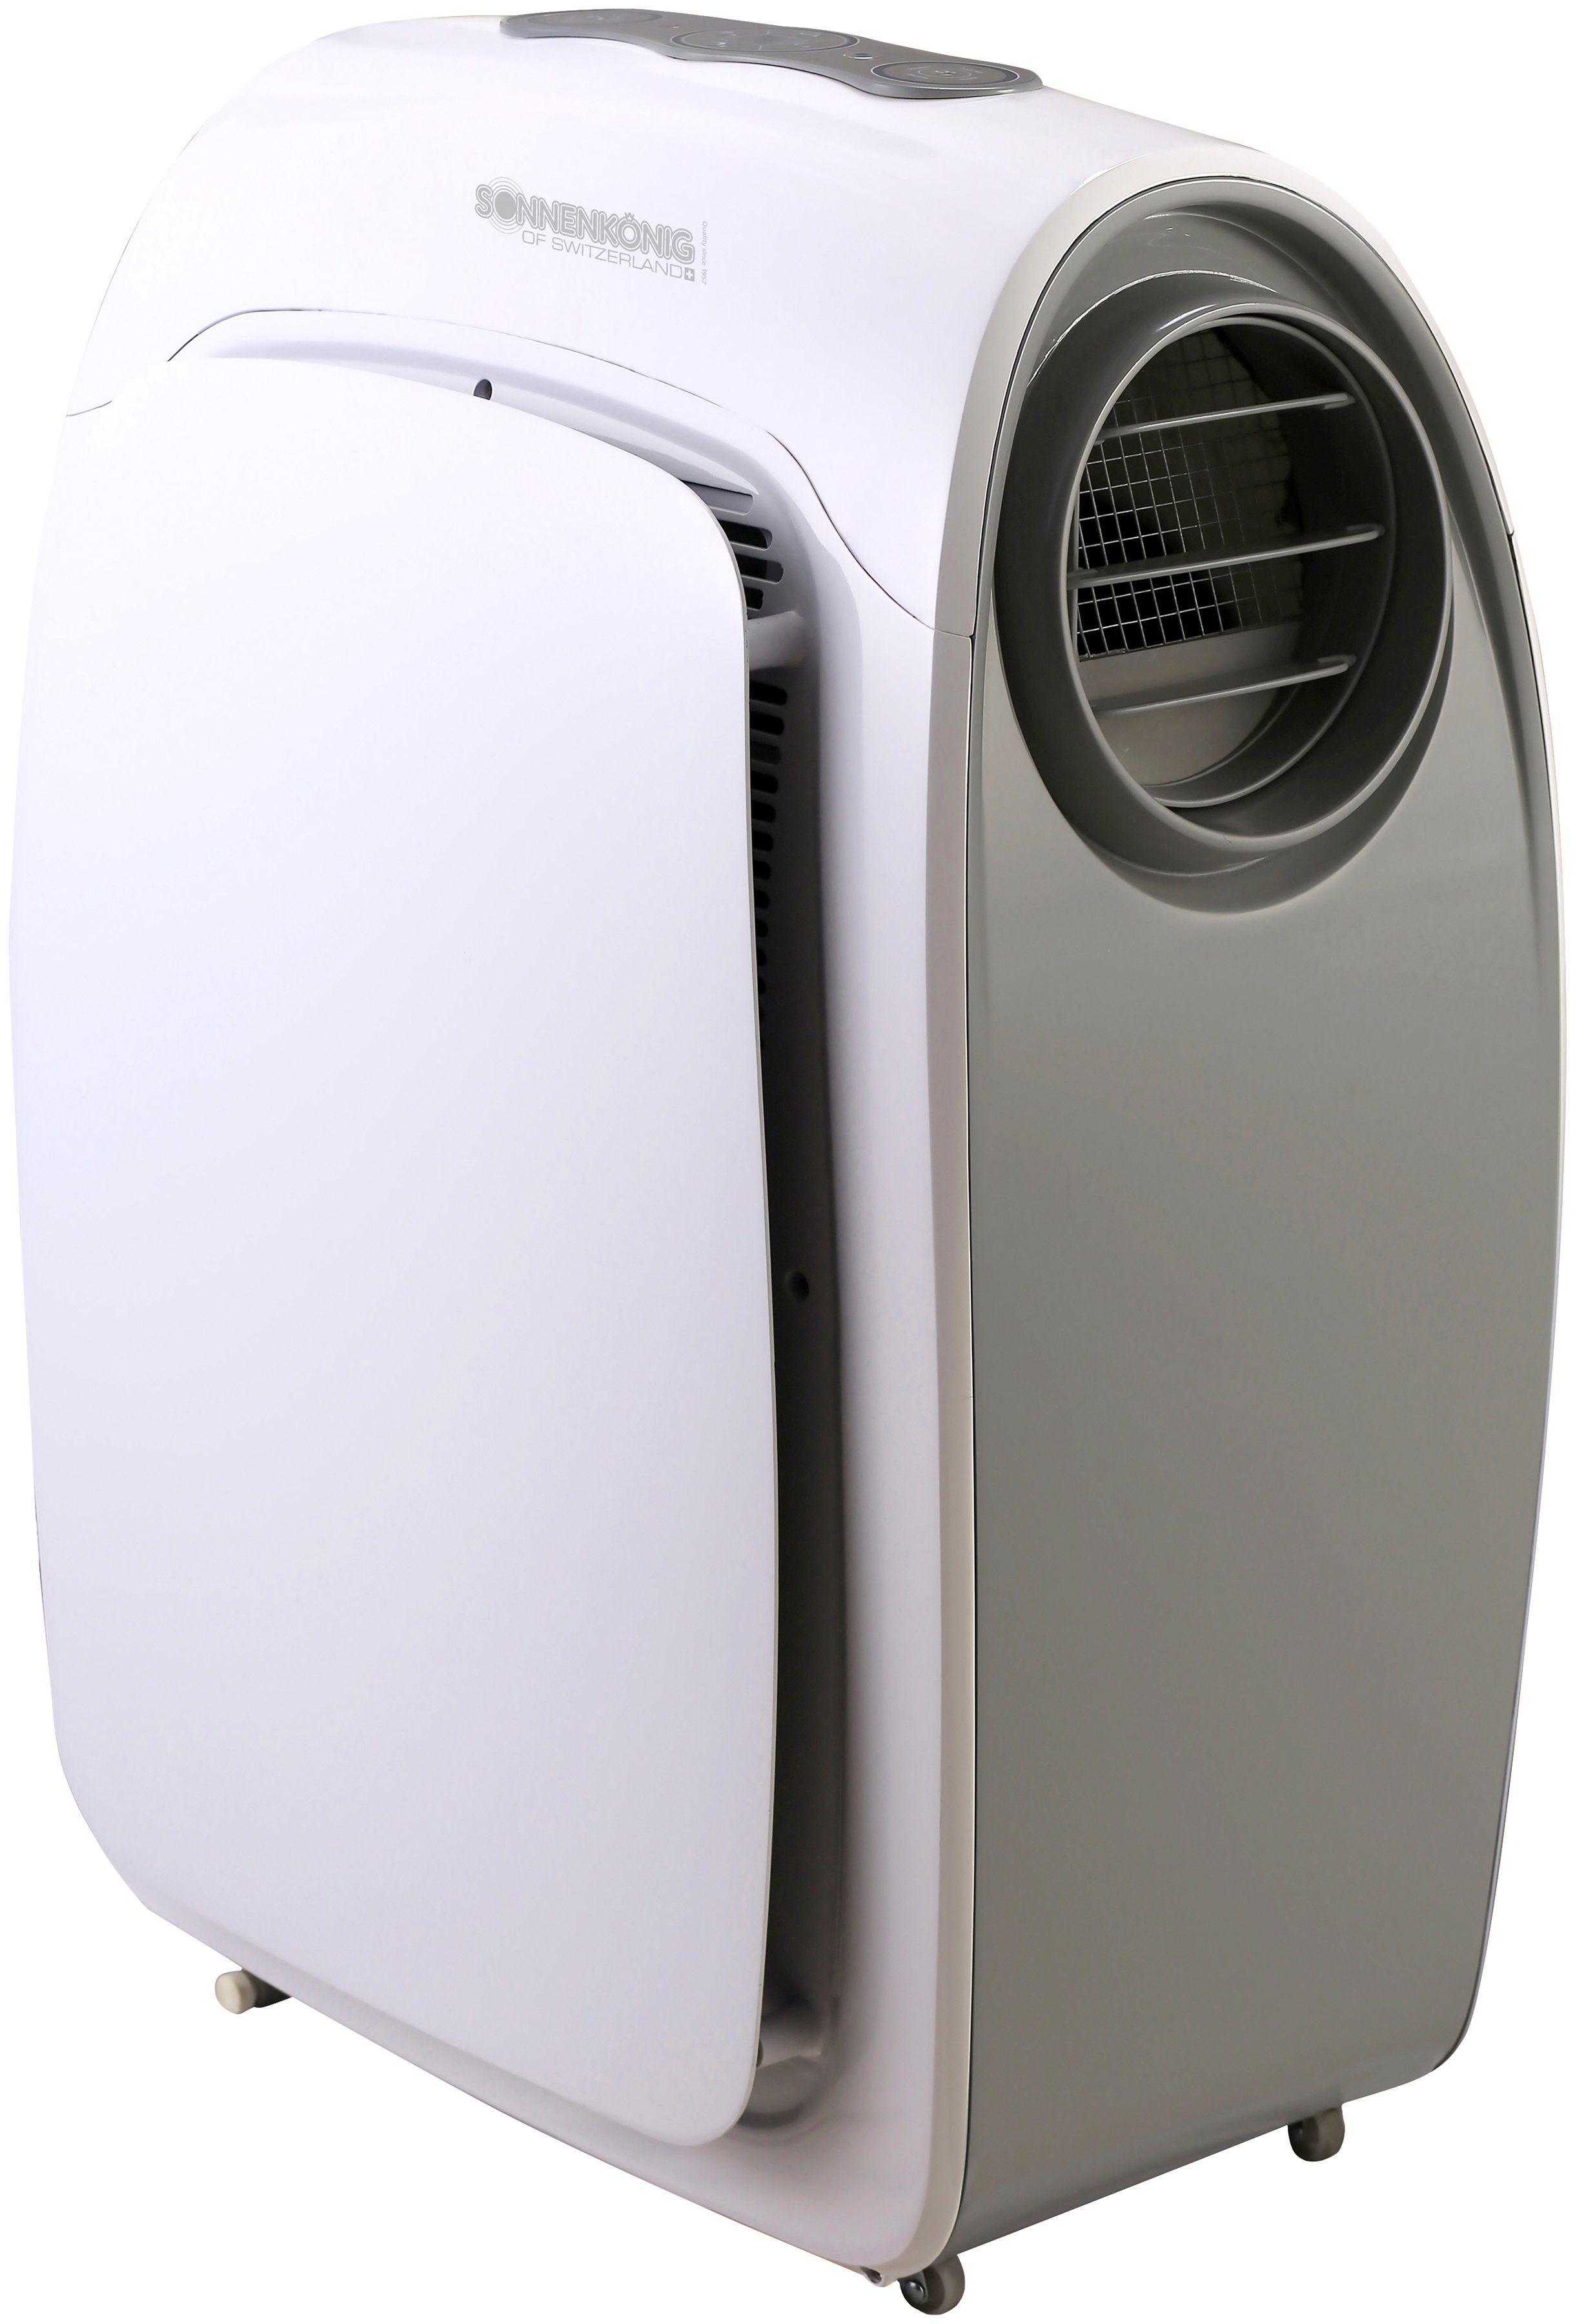 SONNENKÖNIG Mobiles Klimagerät »Fresco 1200«